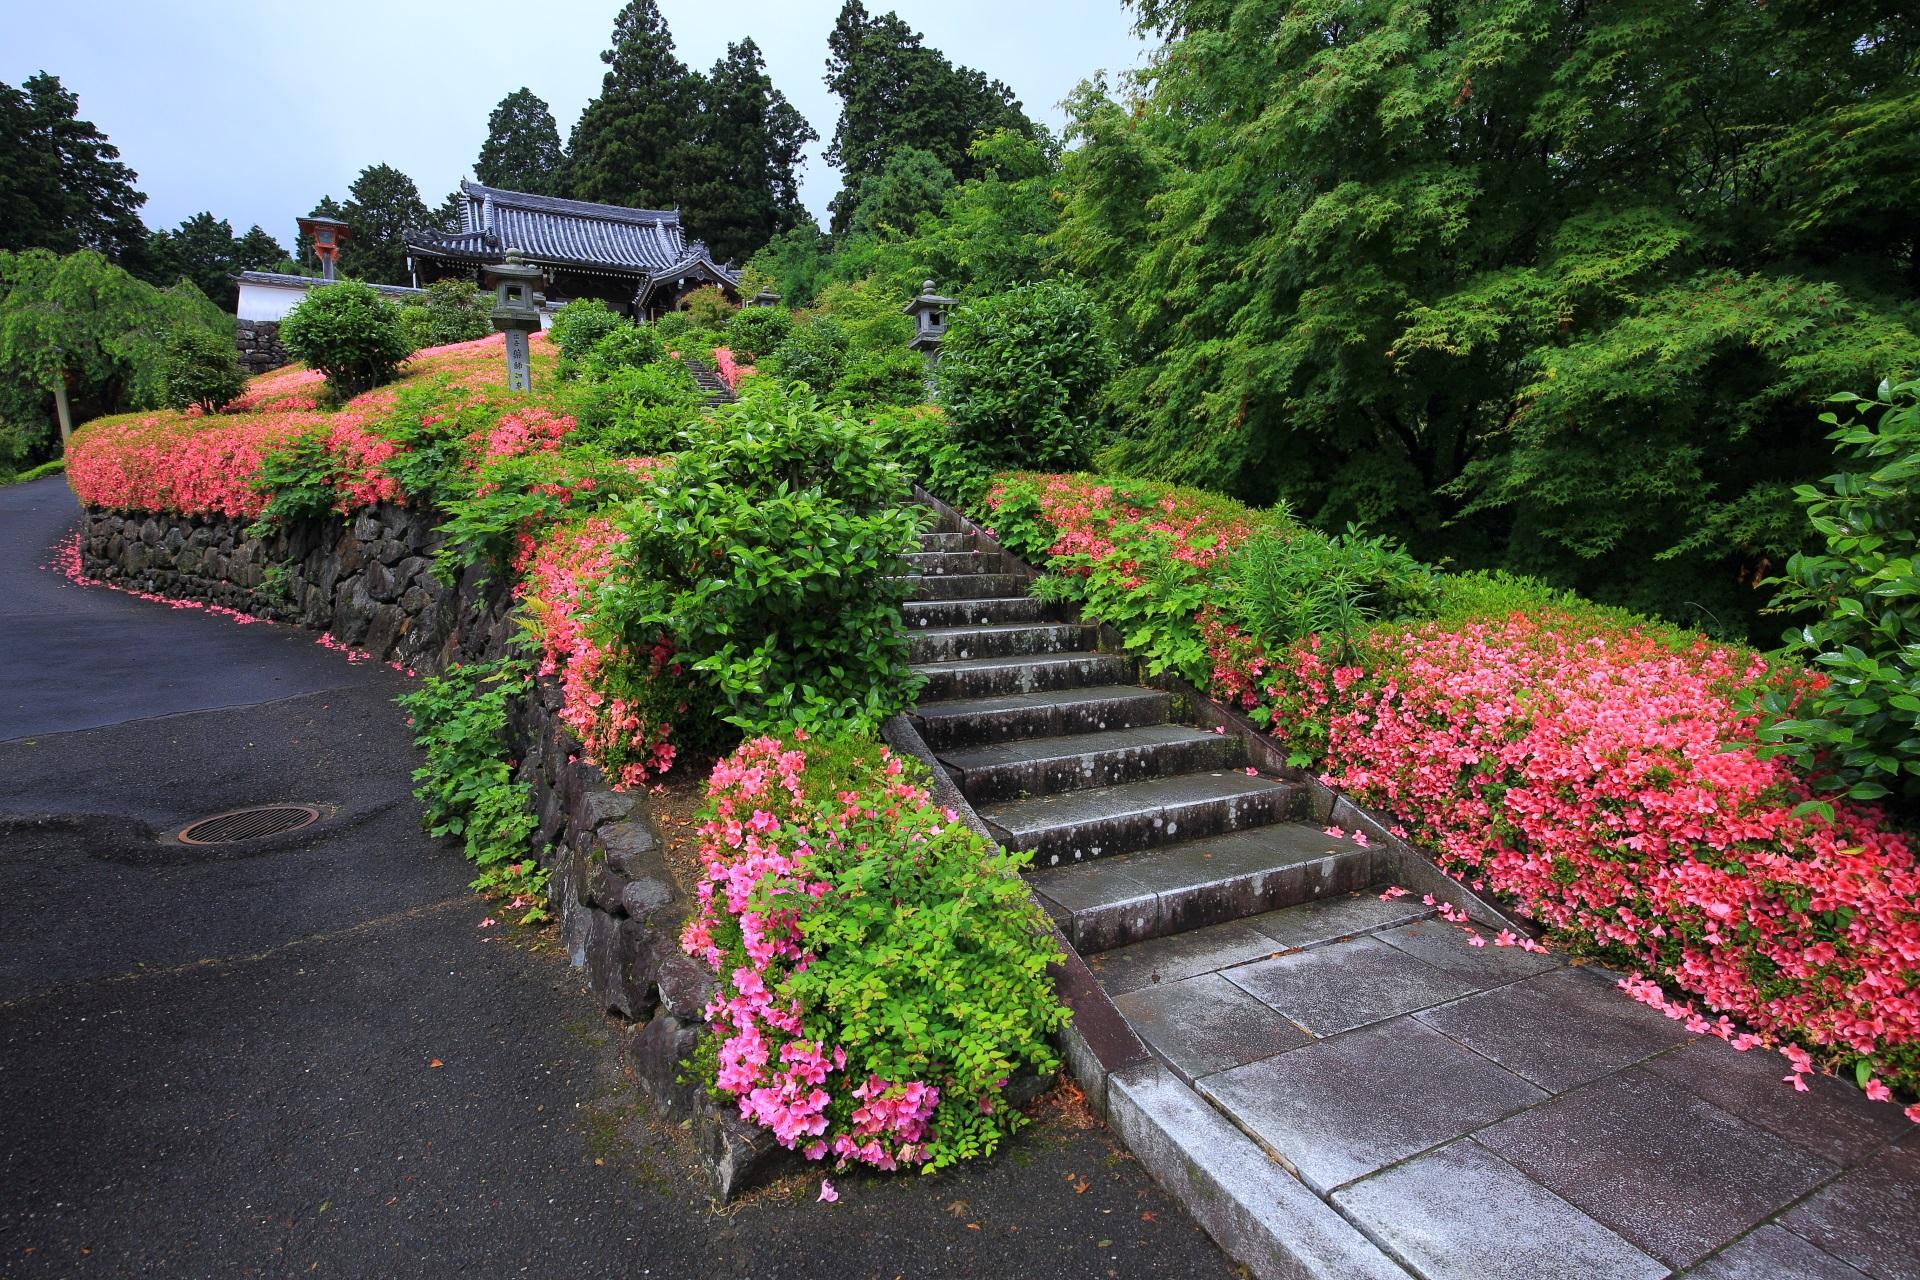 緑がピンクで染まる善峯寺の薬師堂